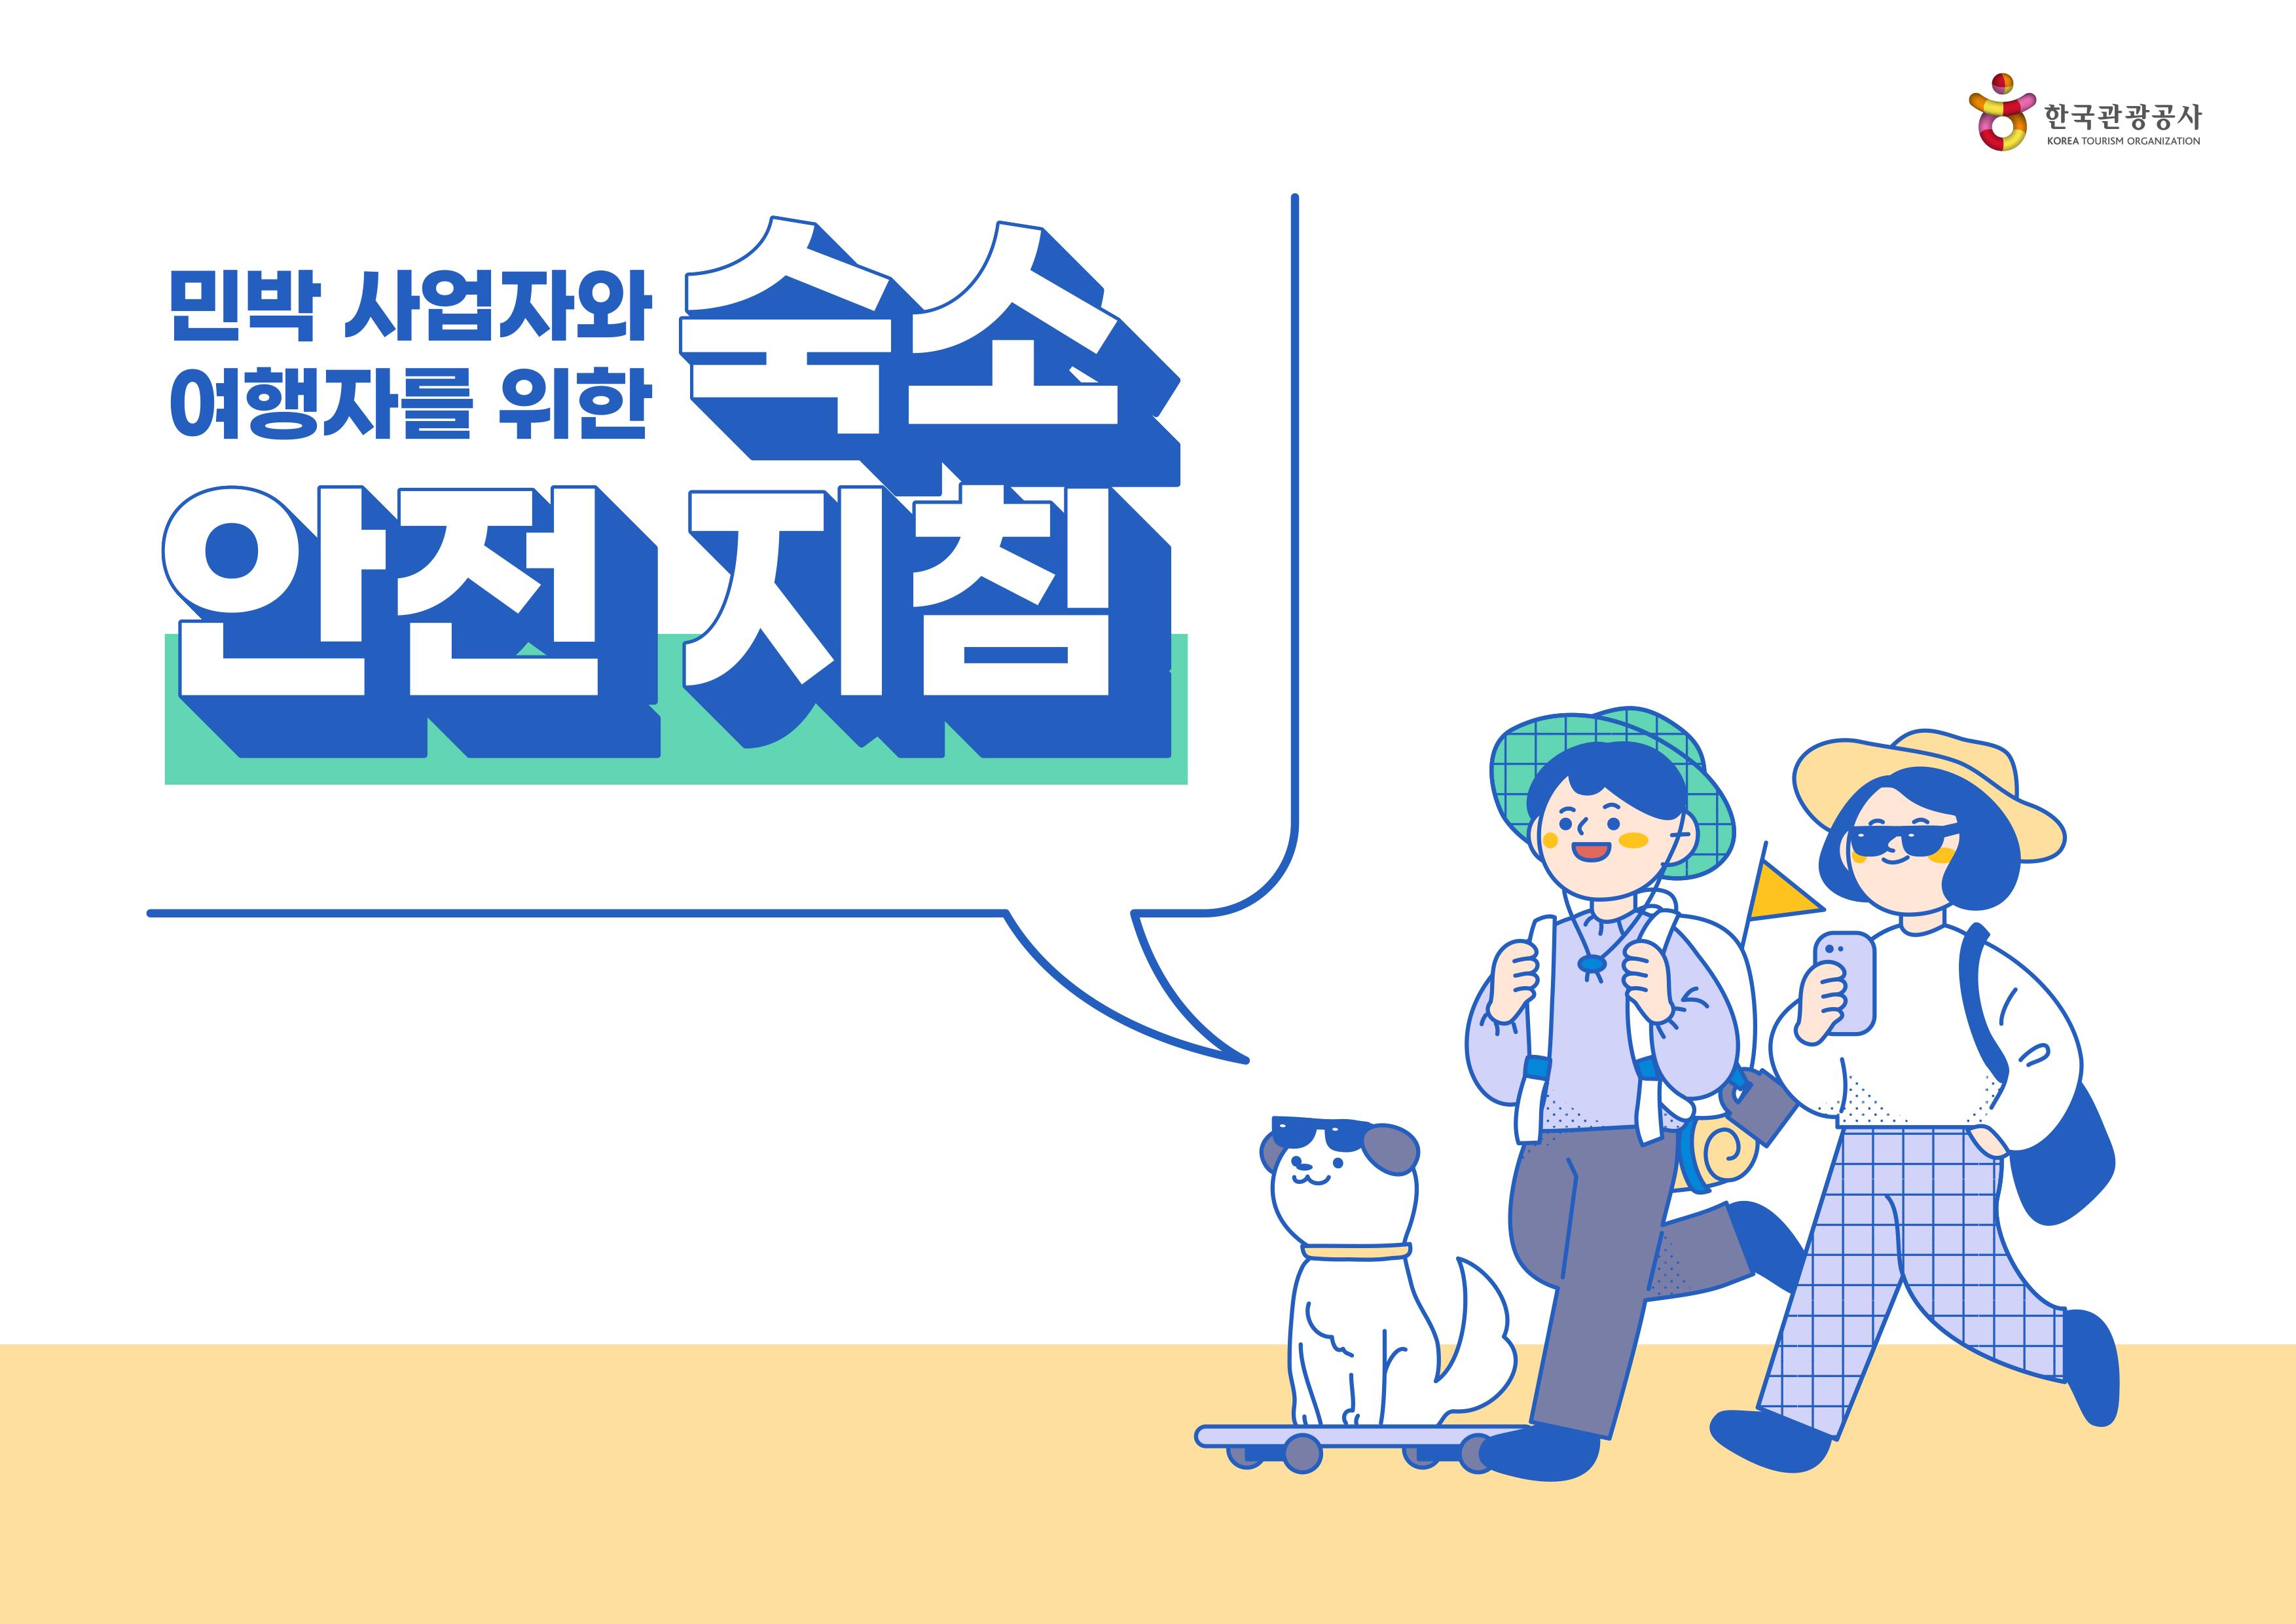 한국관광공사, '숙소안전 지침' 마련… 에어비앤비와 홍보 나서  '안전한' 민박 다함께 만들어 갑시다